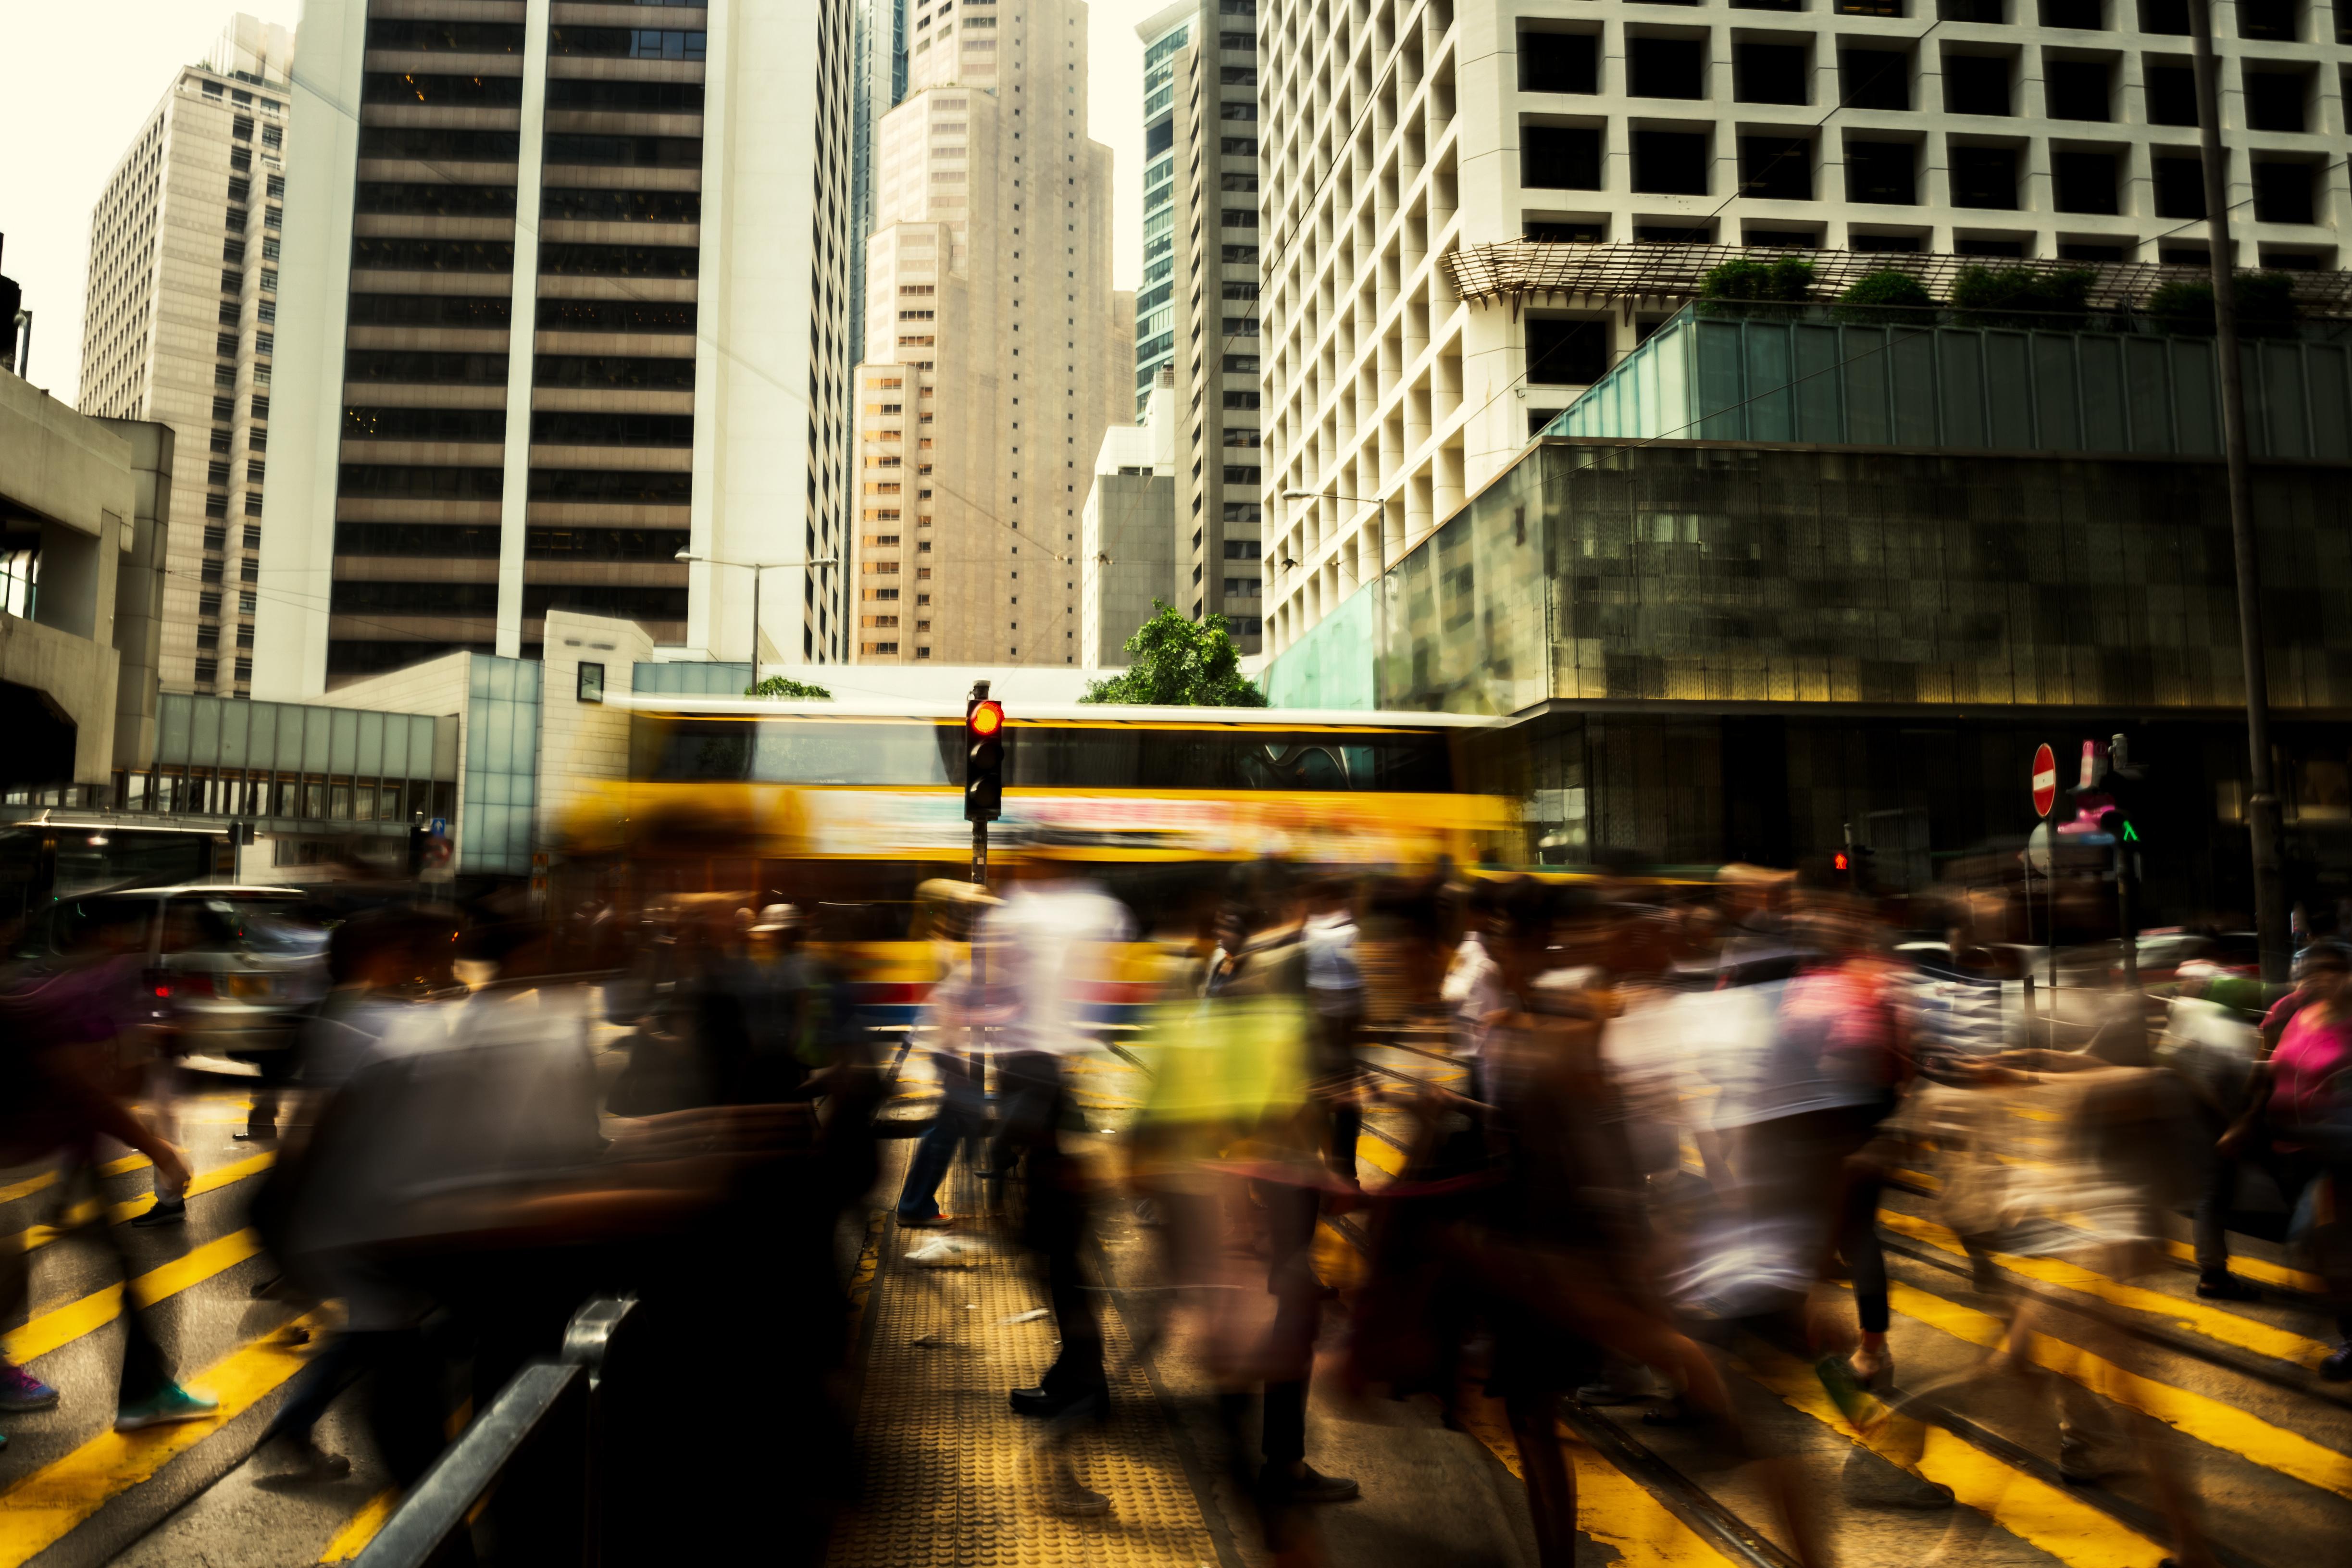 Lärm: Straßenkreuzung in Großstadt mit viel Verkehr und vielen Fußgängern